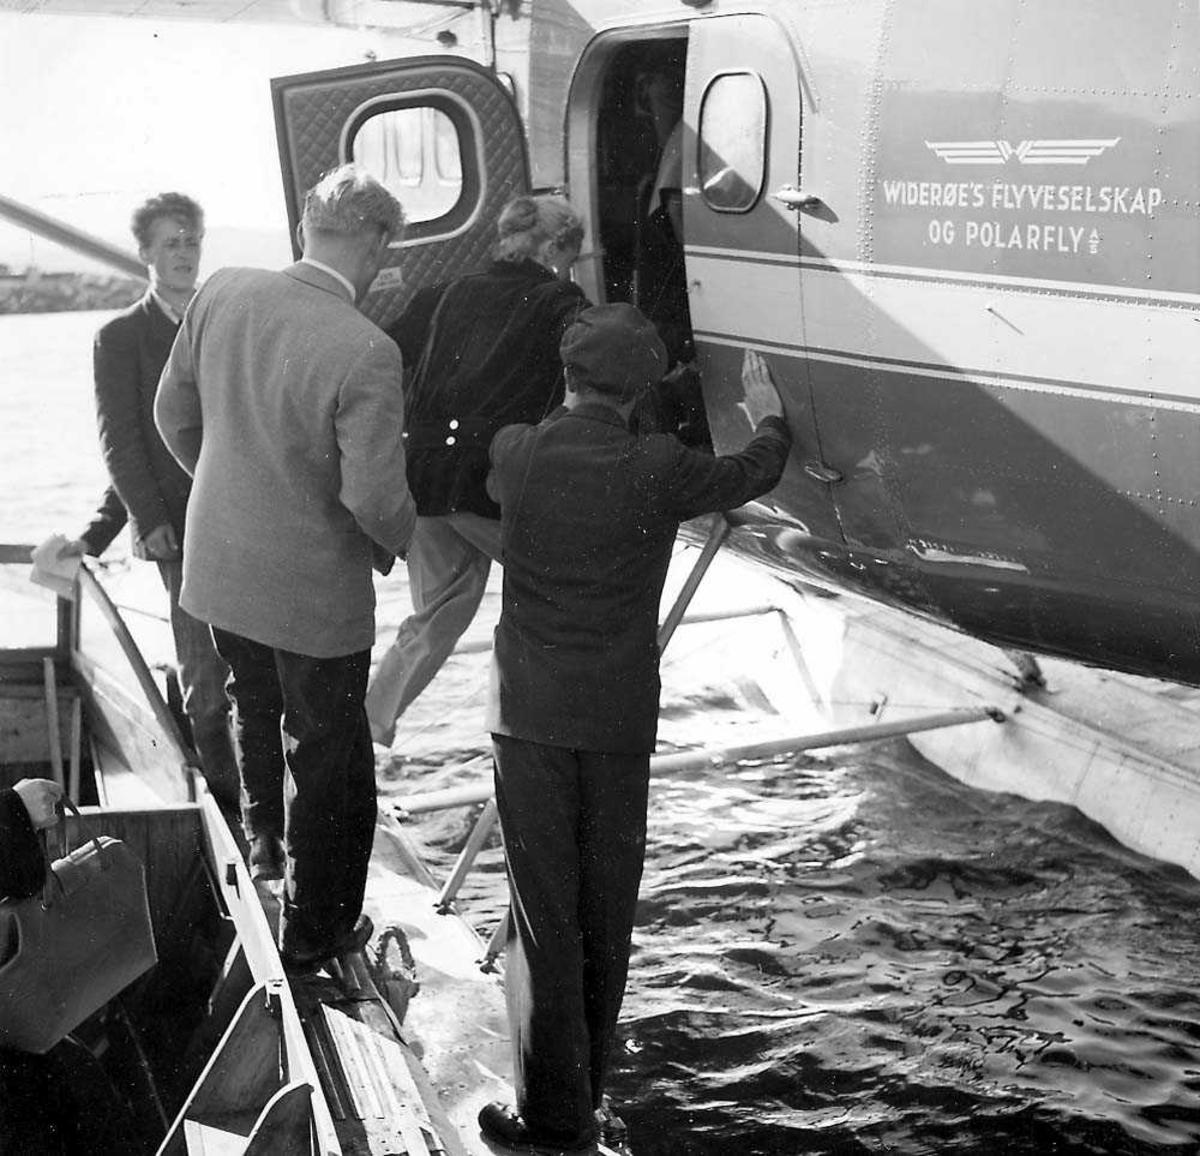 Flere passasjerer som klatrer ombord fra en båt til et sjøfly, DHC-3 Otter fra Widerøes Flyveselskap og Polarfly A/S.